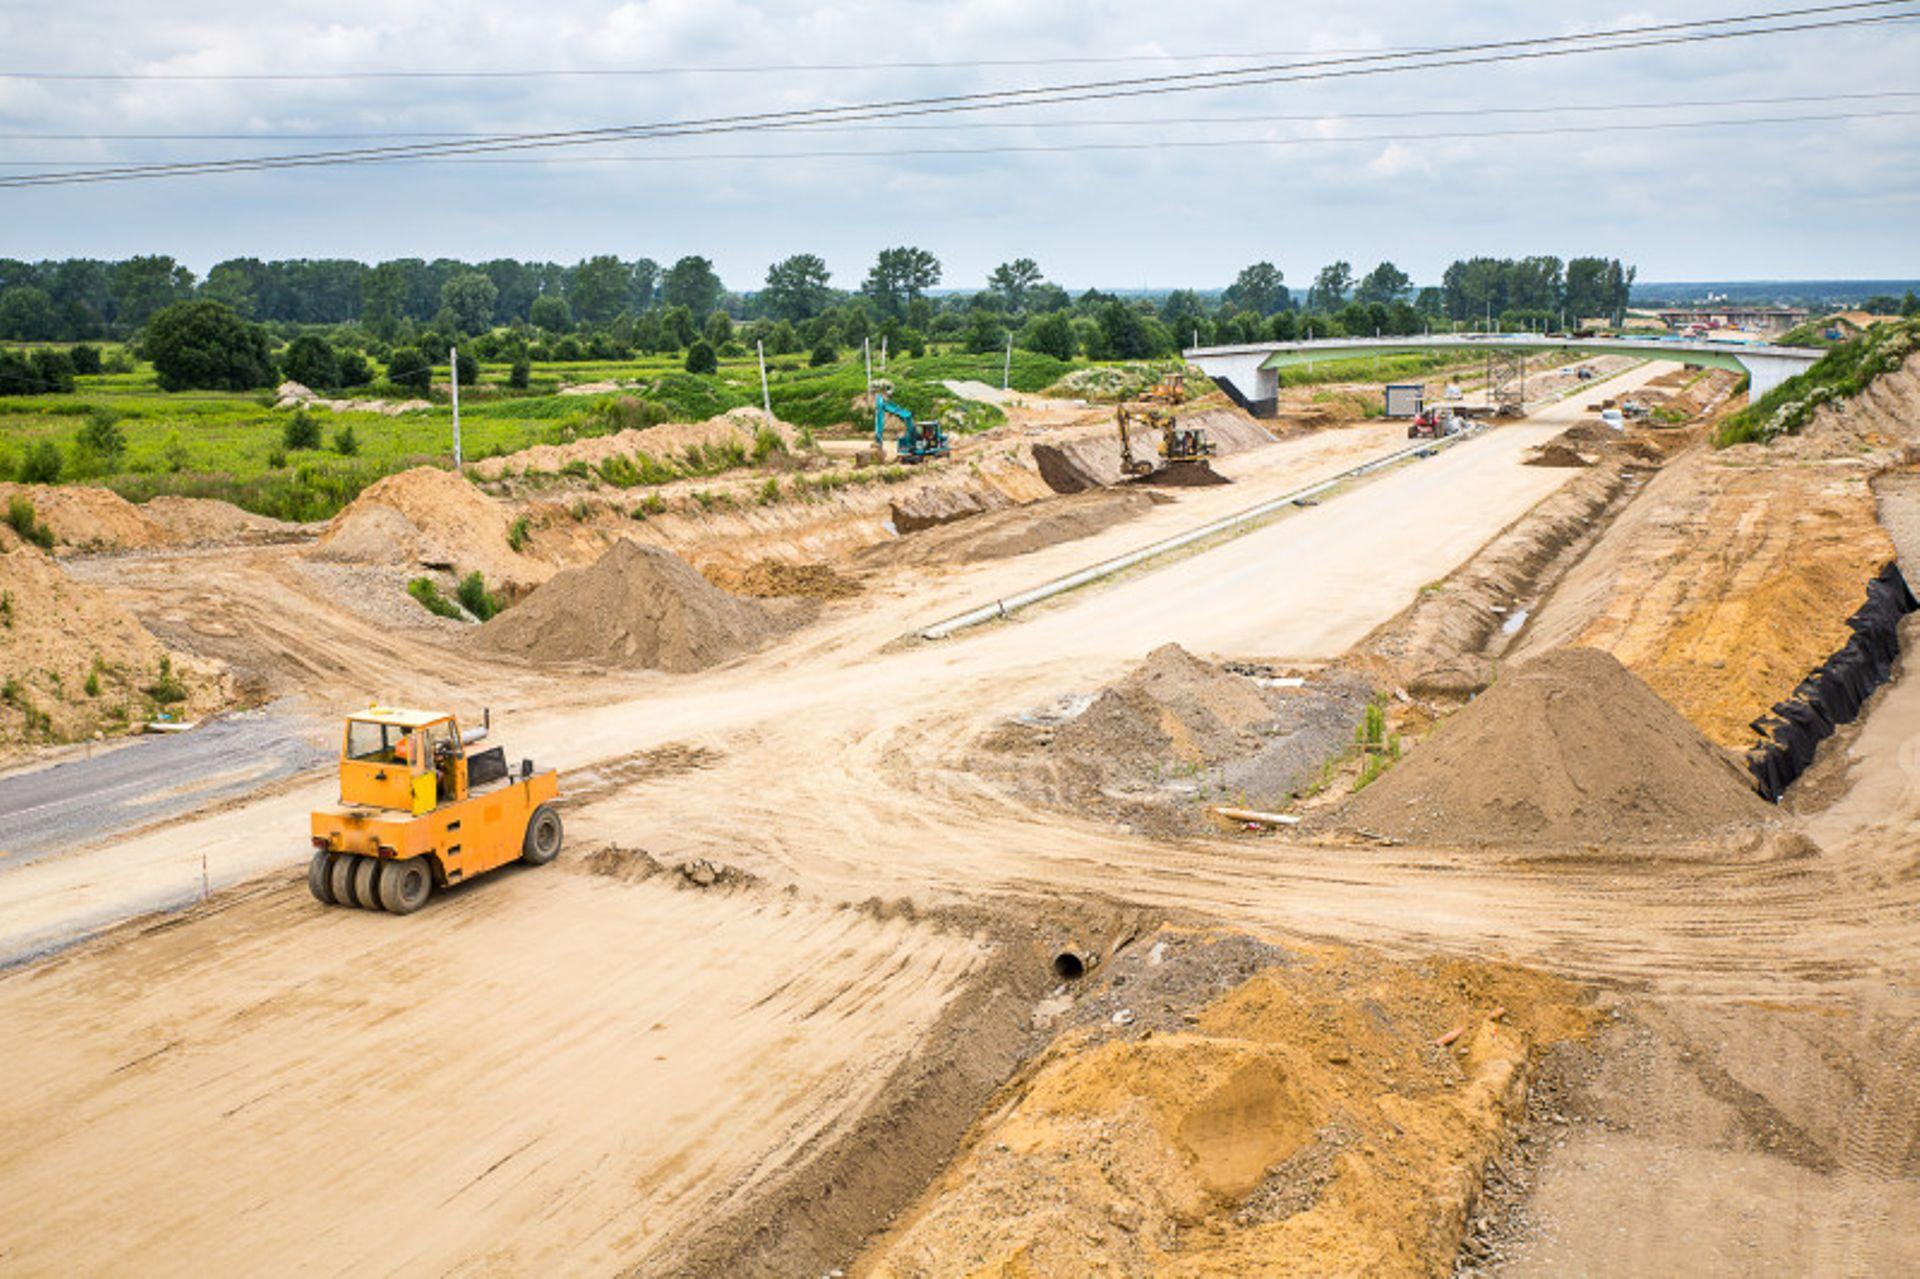 Znamy wykonawców kolejnego etapu drogi ekspresowej S1 Mysłowice – Bielsko-Biała